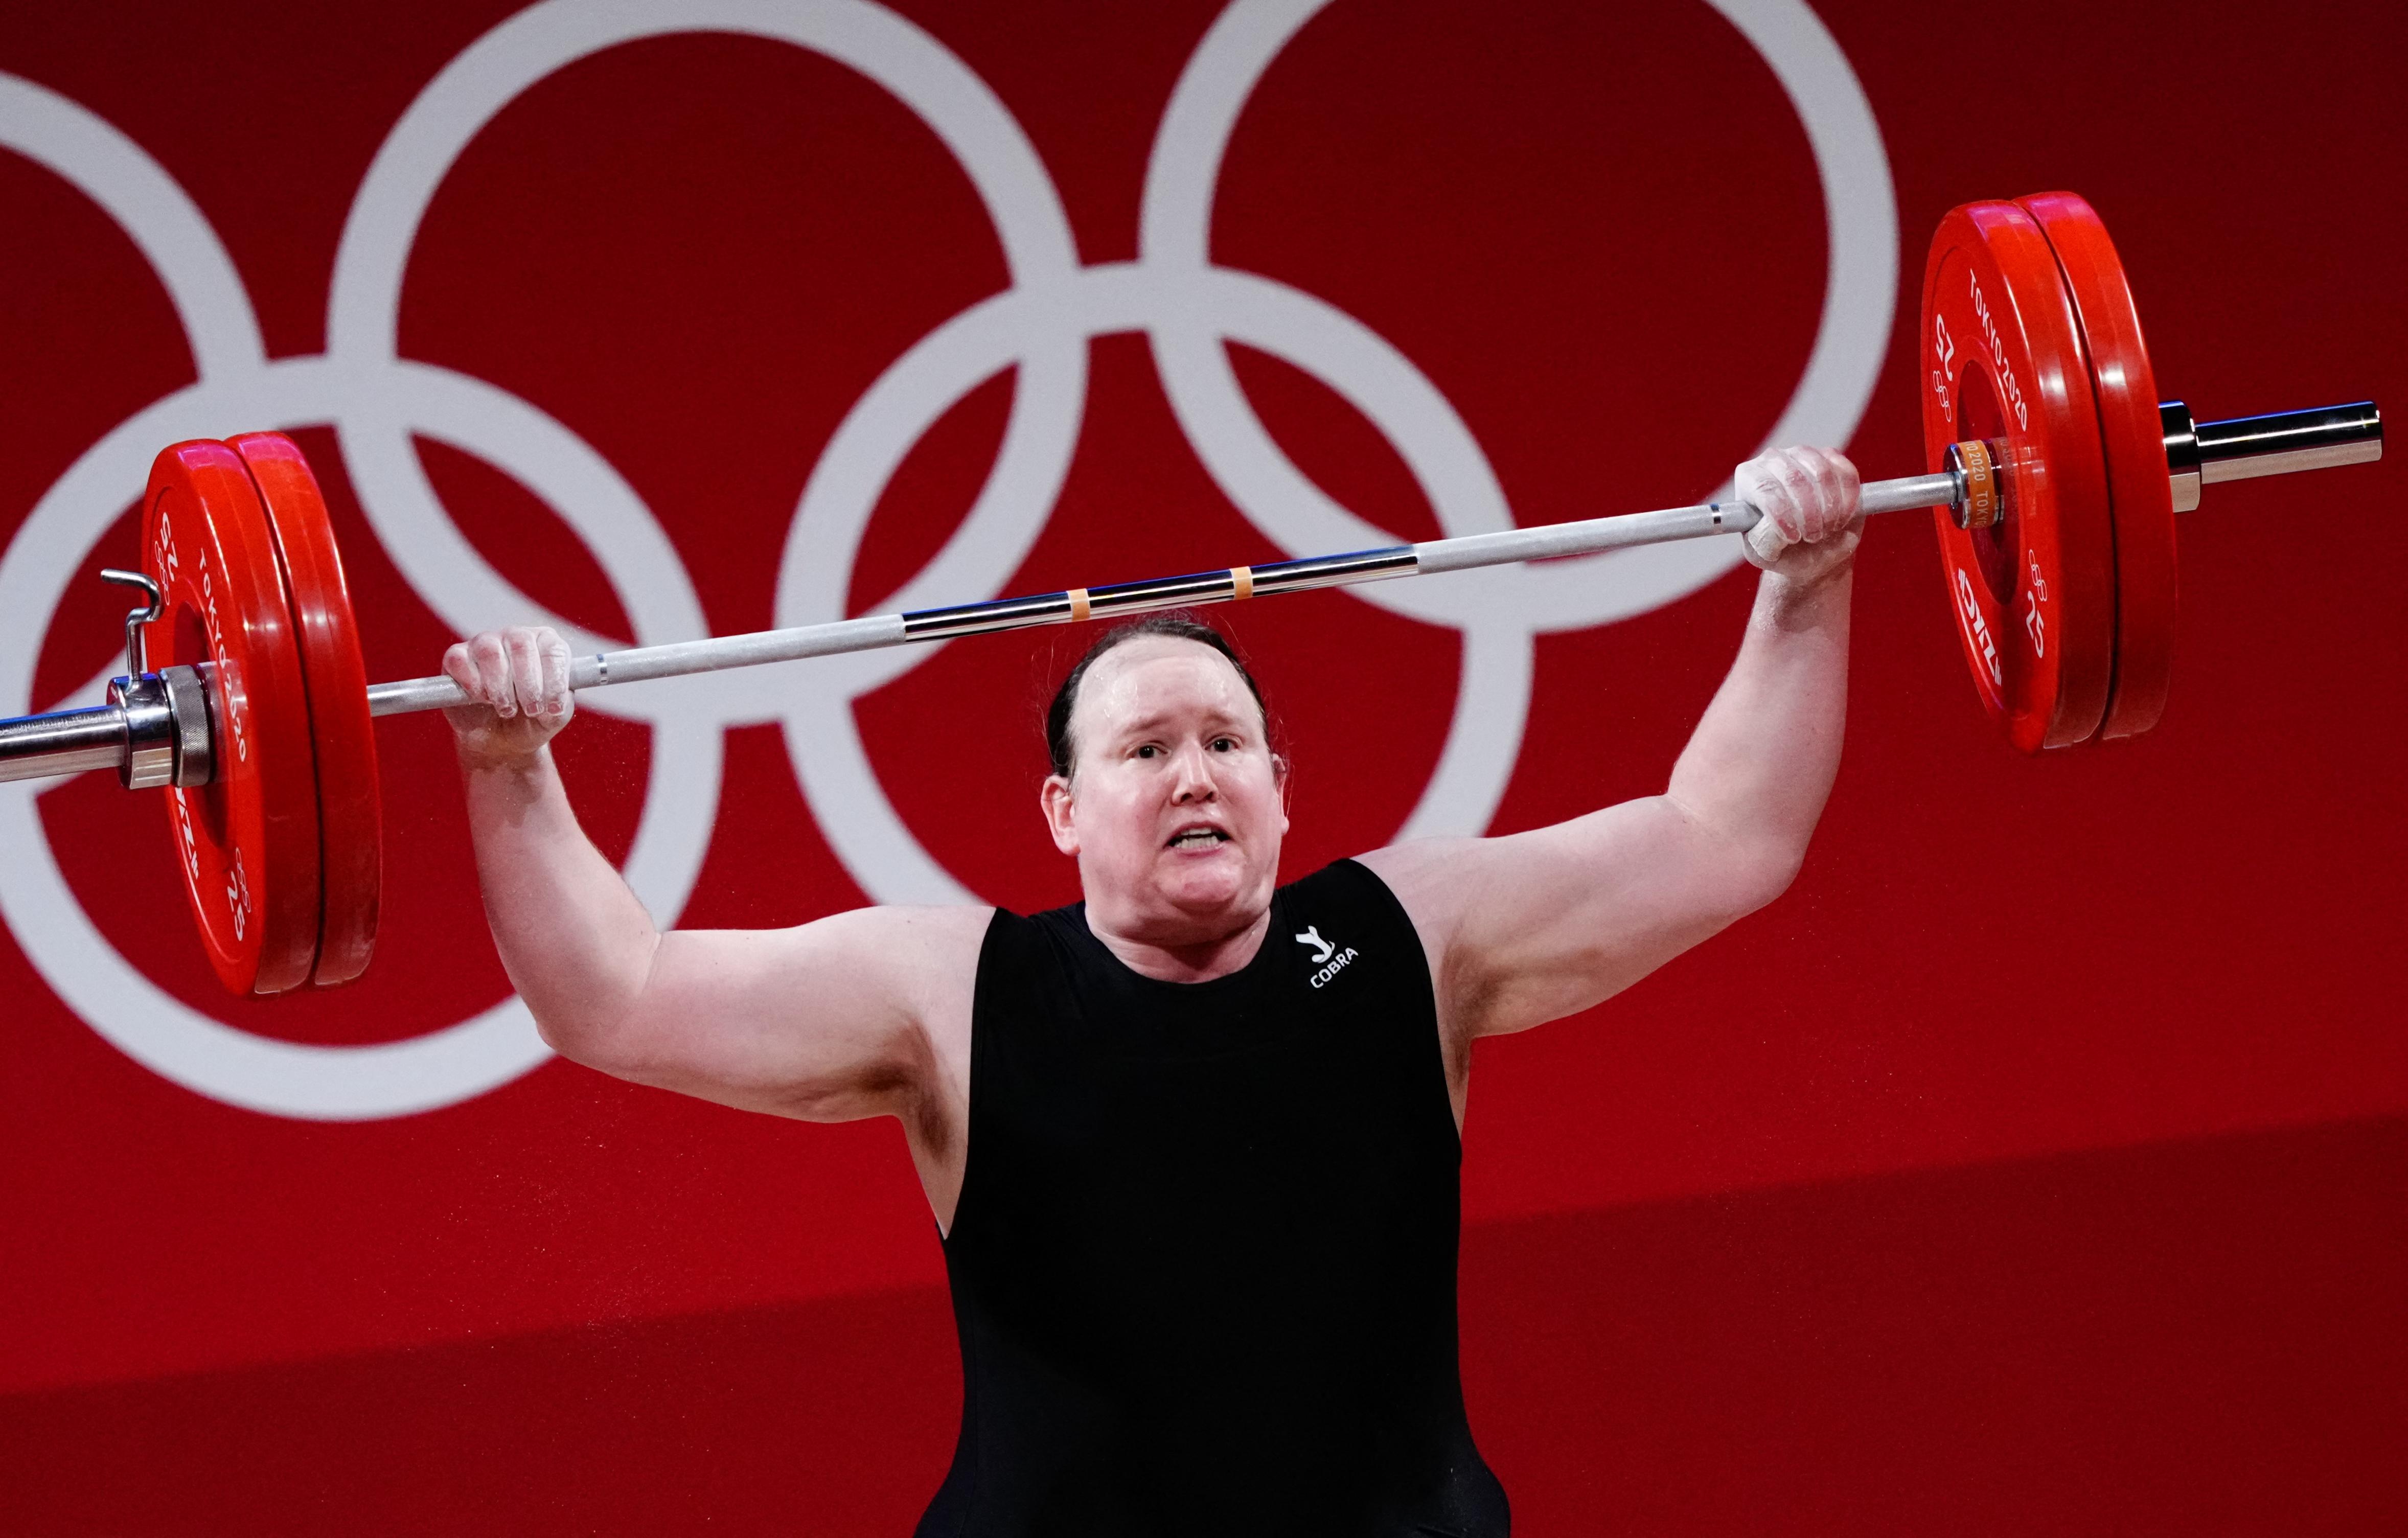 Laurel Hubbard nem tudta megemelni a 120 kilót